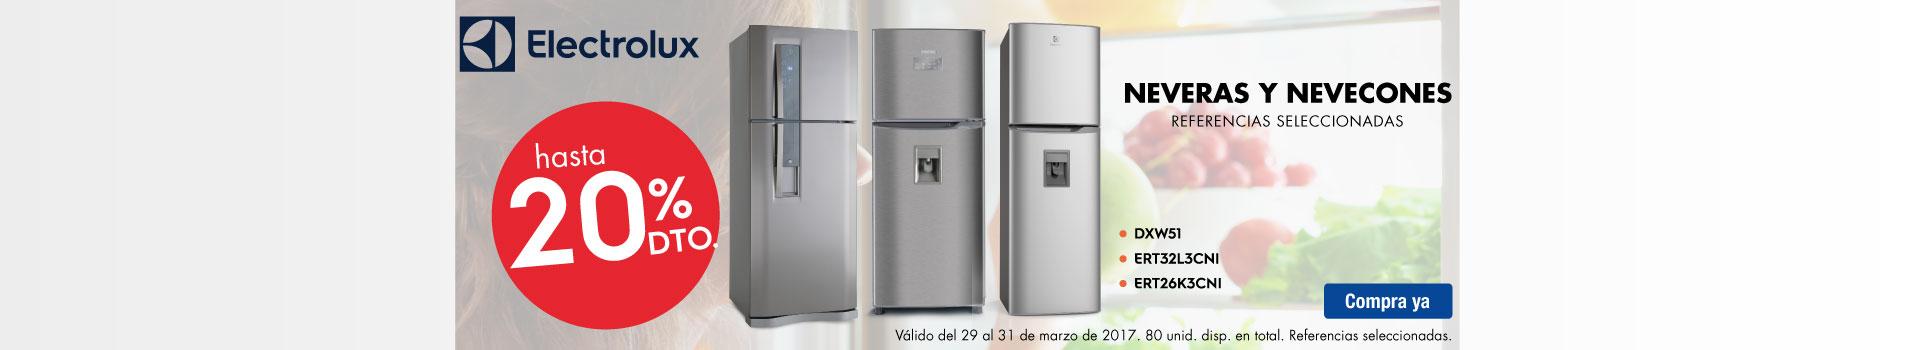 CAT NEV - marzo 29 - Hasta 20%Dto en Neveras y Nevecones ELECTROLUX - Ref. Seleccionadas